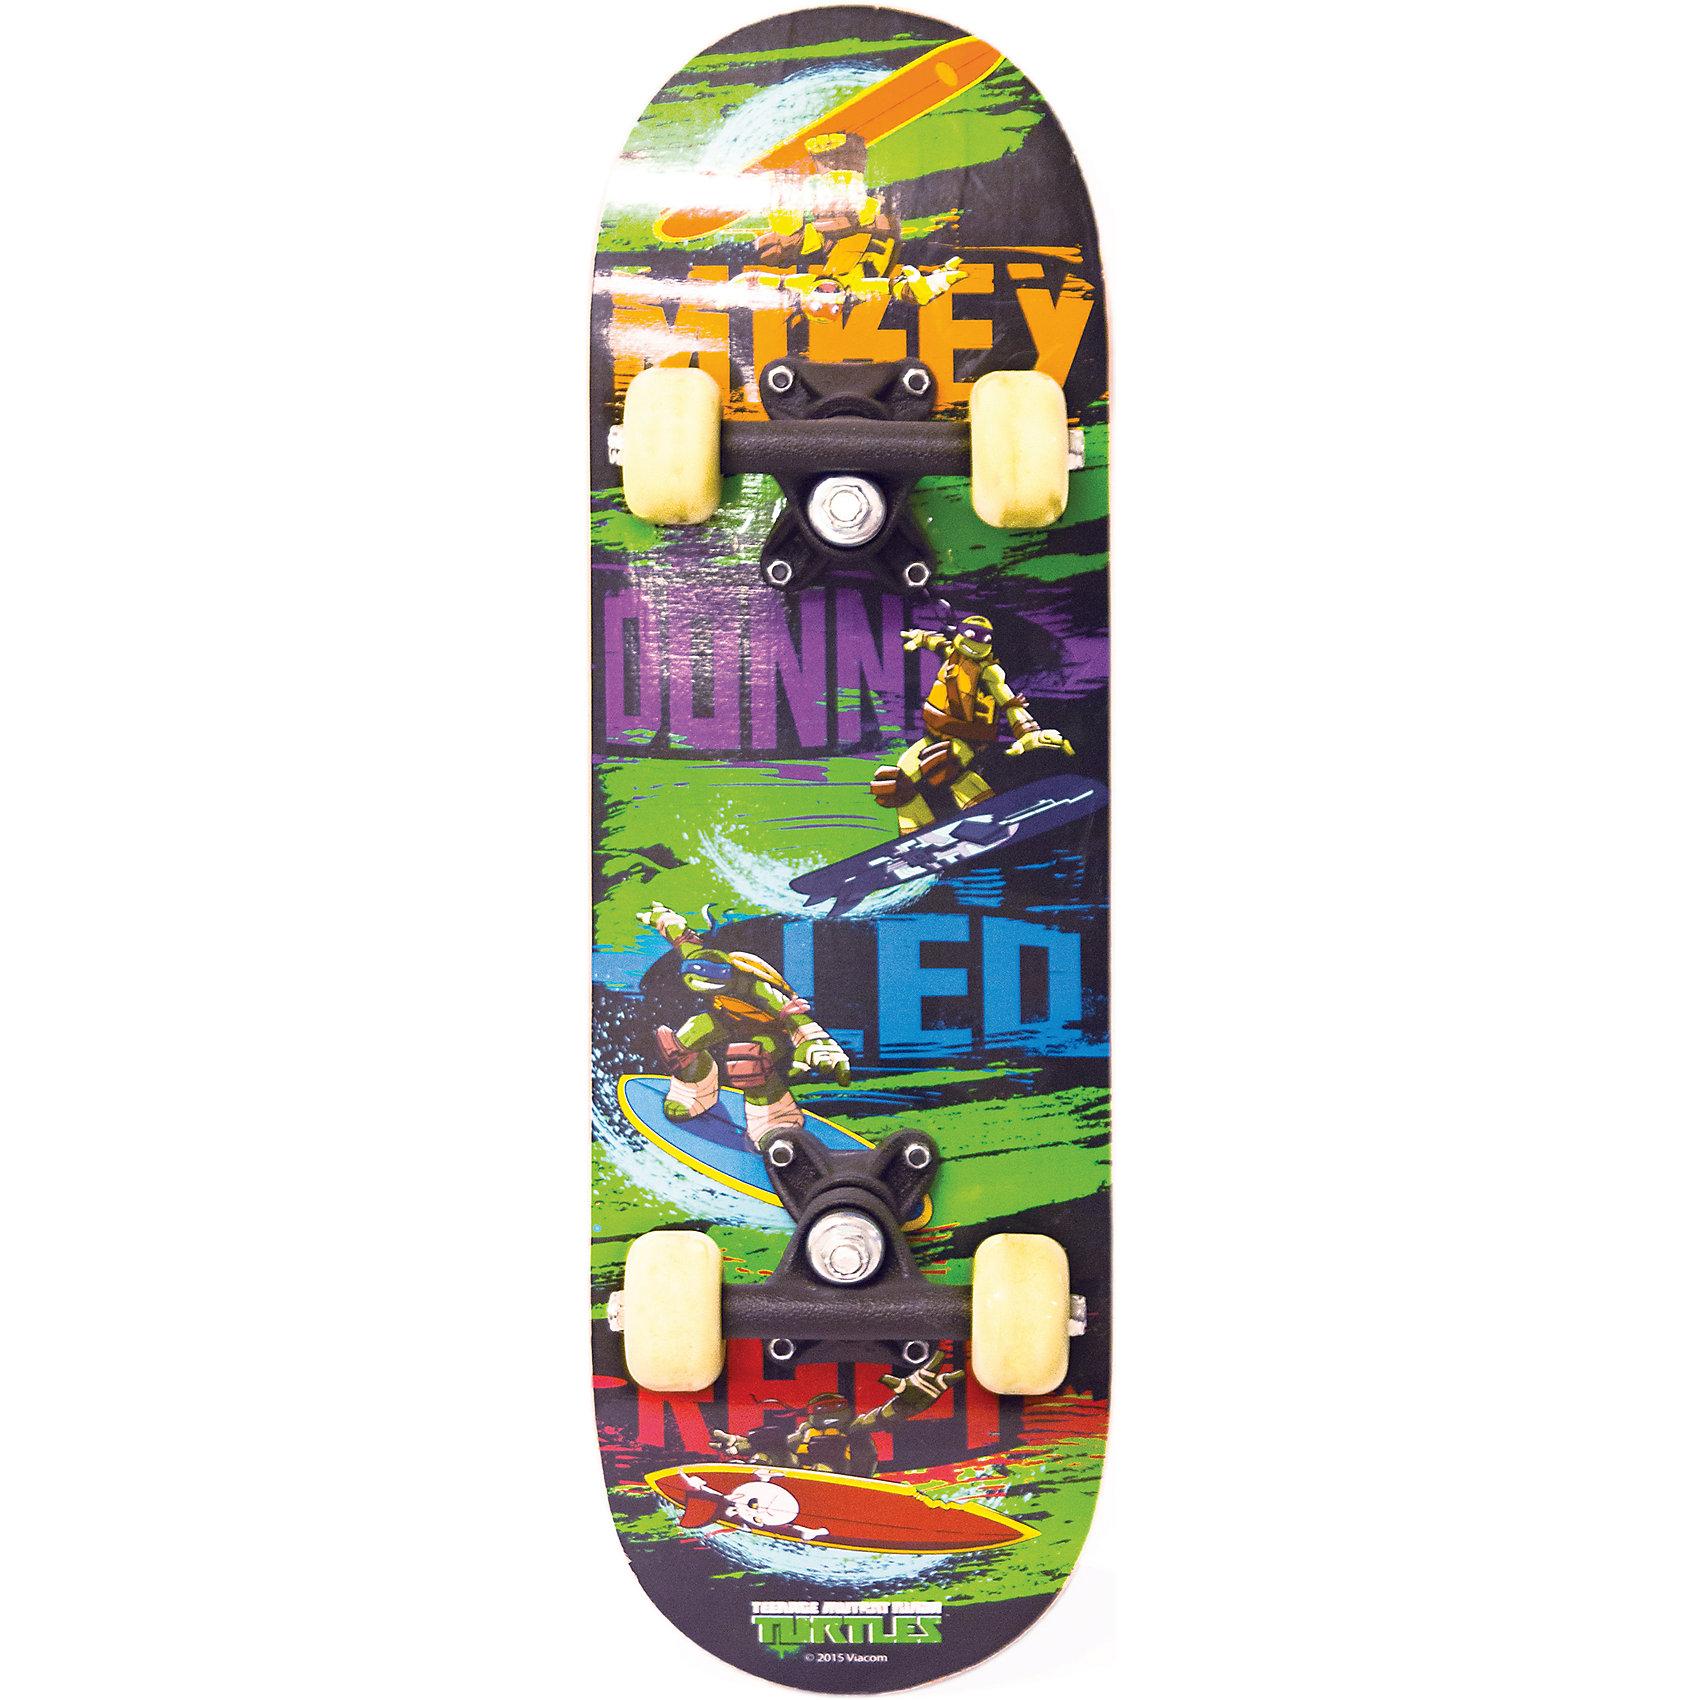 Скейтборд, Черепашки НиндзяСкейтборды и лонгборды<br>Яркий скейтборд с изображениями любимых героев - прекрасный вариант для активного отдыха детей. Скейтборд сделан из высококачественных материалов, имеет устойчивые полиуретановые колеса. Катание на скейте не только модное и интересное увлечение, оно стимулирует ребенка к физической активности на свежем отдыхе, помогает развить различные группы мышц, координацию, укрепить иммунитет. <br><br>Дополнительная информация:<br><br>- Материал: пластик, дерево, металл.<br>- Длина: 55 см.<br>- Размер колес: 5 х 3 см.<br>- Подшипники: ABEC1.<br>- Амортизаторы: 90А.<br>- Вес: 1 кг.<br>- Максимальная нагрузка: 35 кг.<br>- Детская модель (от 4 лет).<br><br>Скейтборд,  Черепашки Ниндзя, в ассортименте, можно купить в нашем магазине.<br><br>Ширина мм: 559<br>Глубина мм: 110<br>Высота мм: 165<br>Вес г: 1063<br>Возраст от месяцев: 36<br>Возраст до месяцев: 84<br>Пол: Мужской<br>Возраст: Детский<br>SKU: 4696134